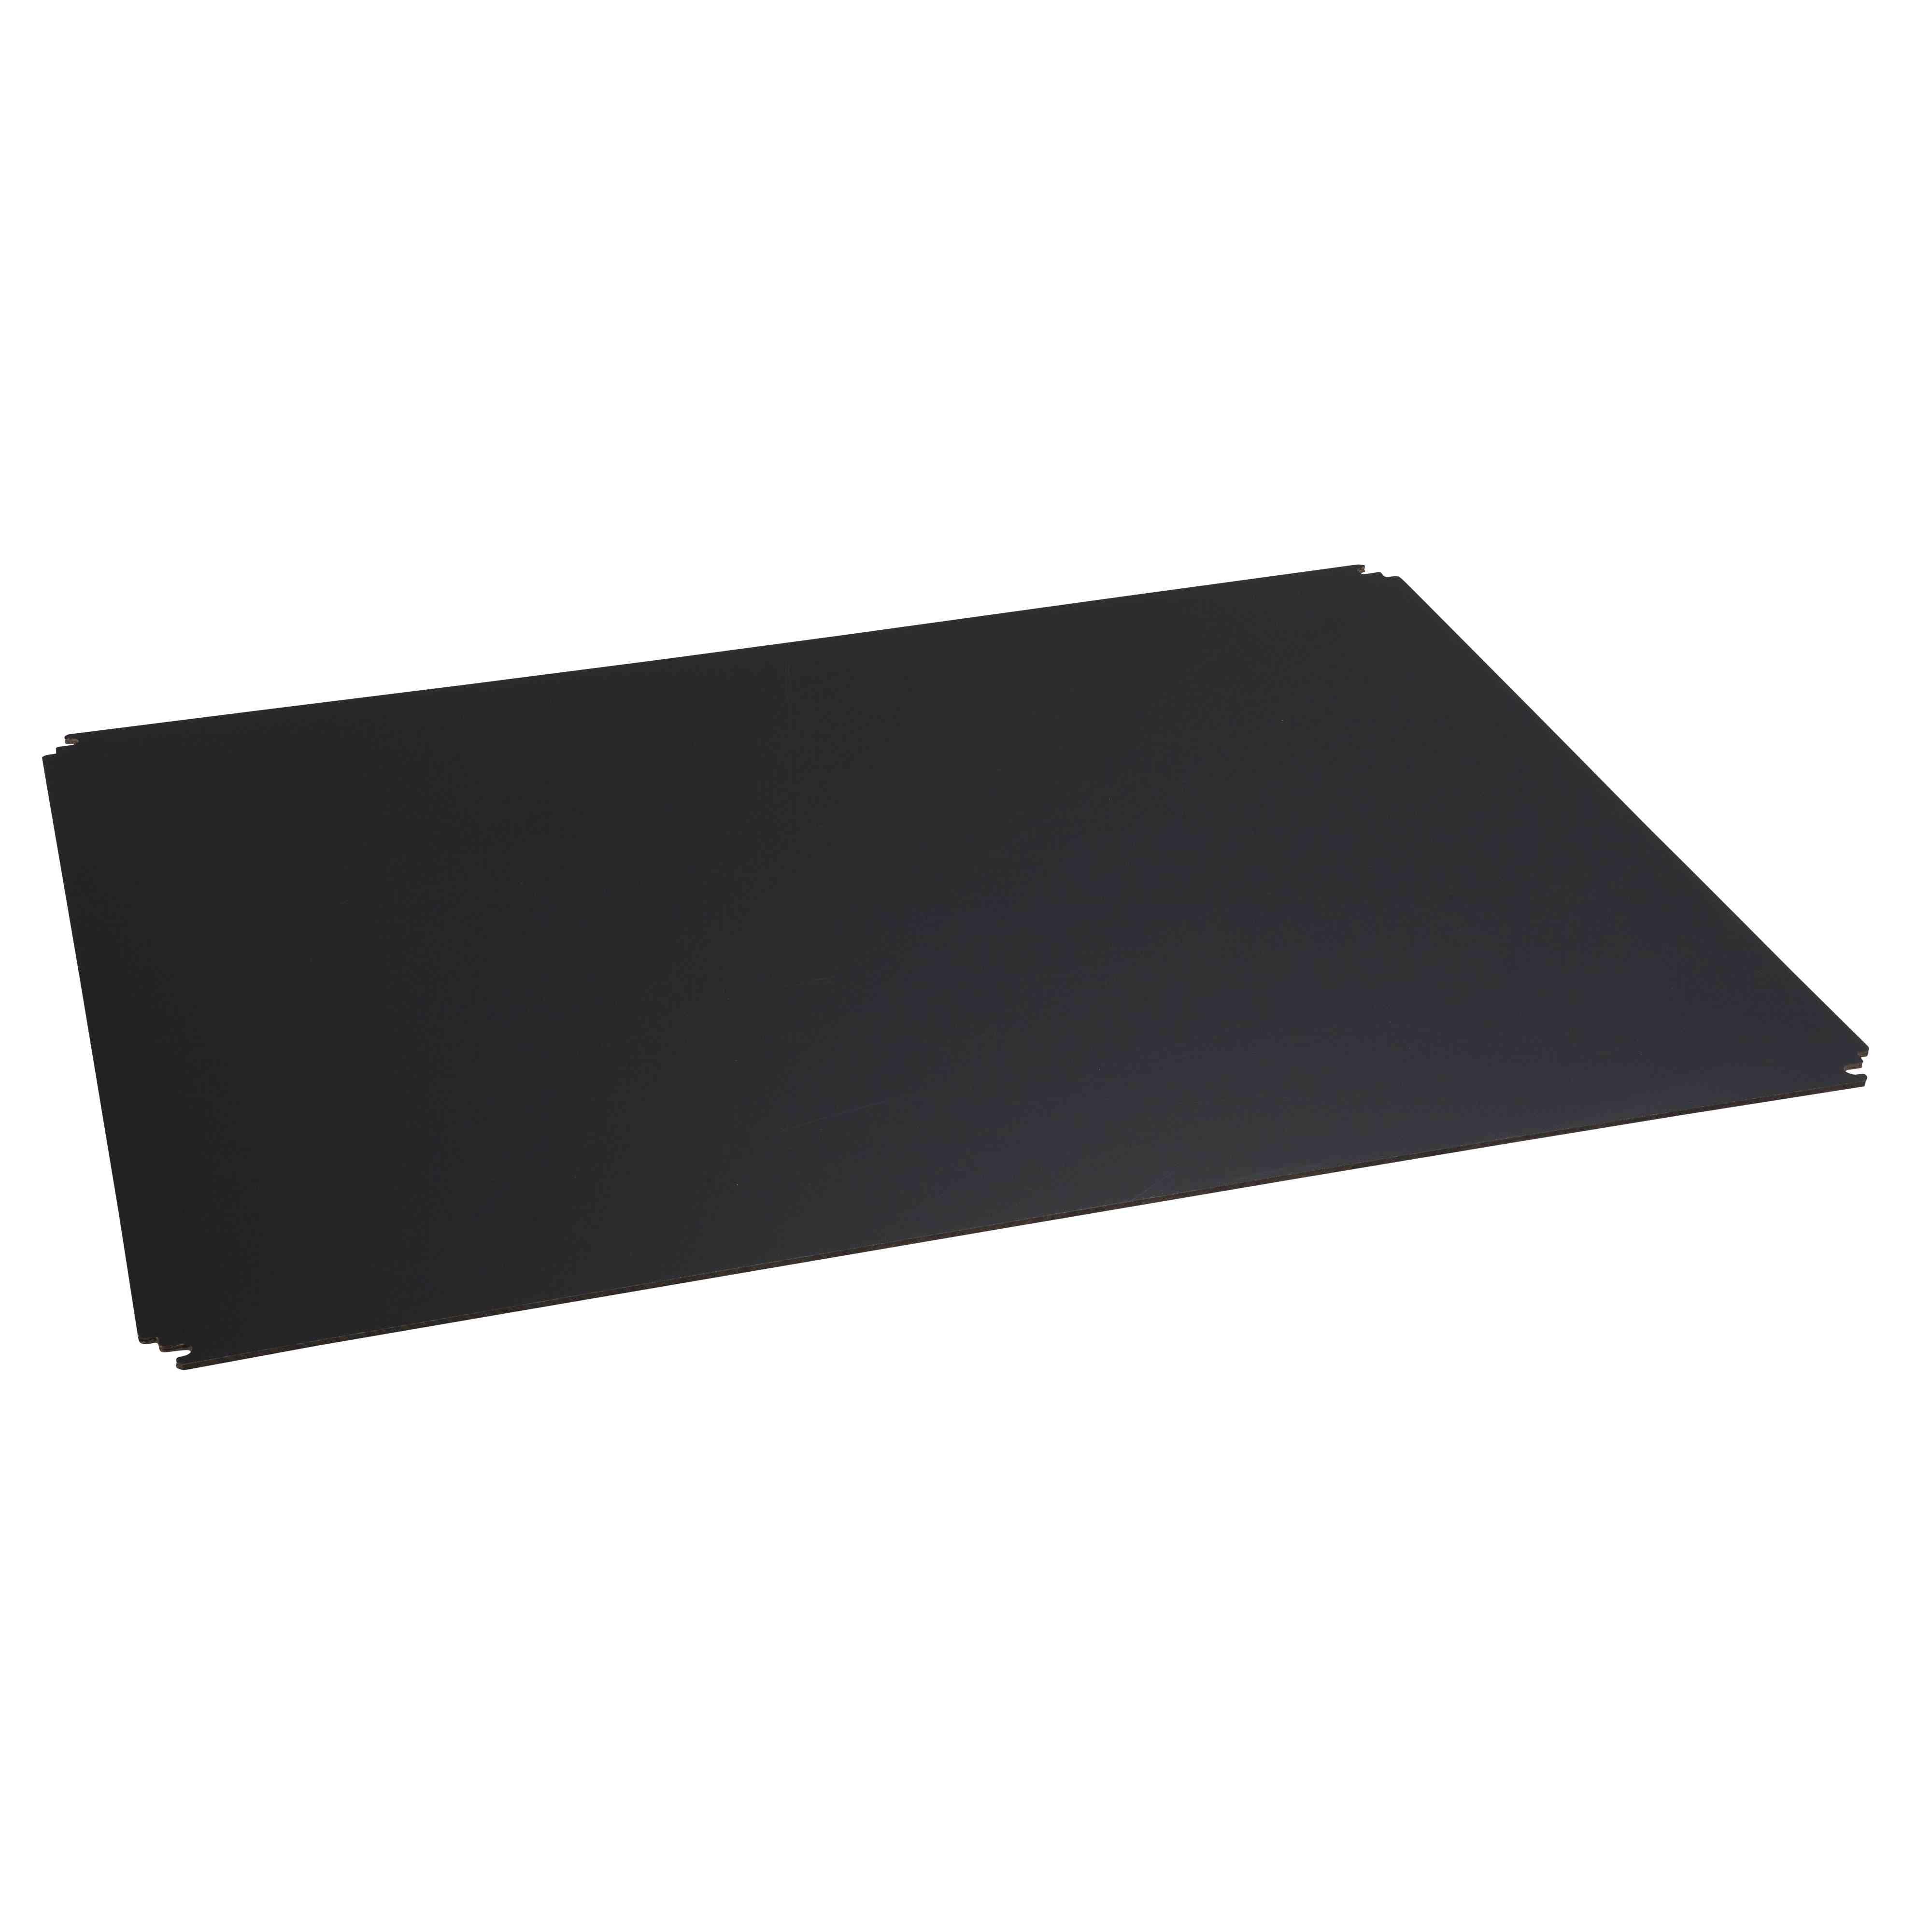 Izolacijska montažna plošča za omaro V 700 x Š 500 mm iz bakelita